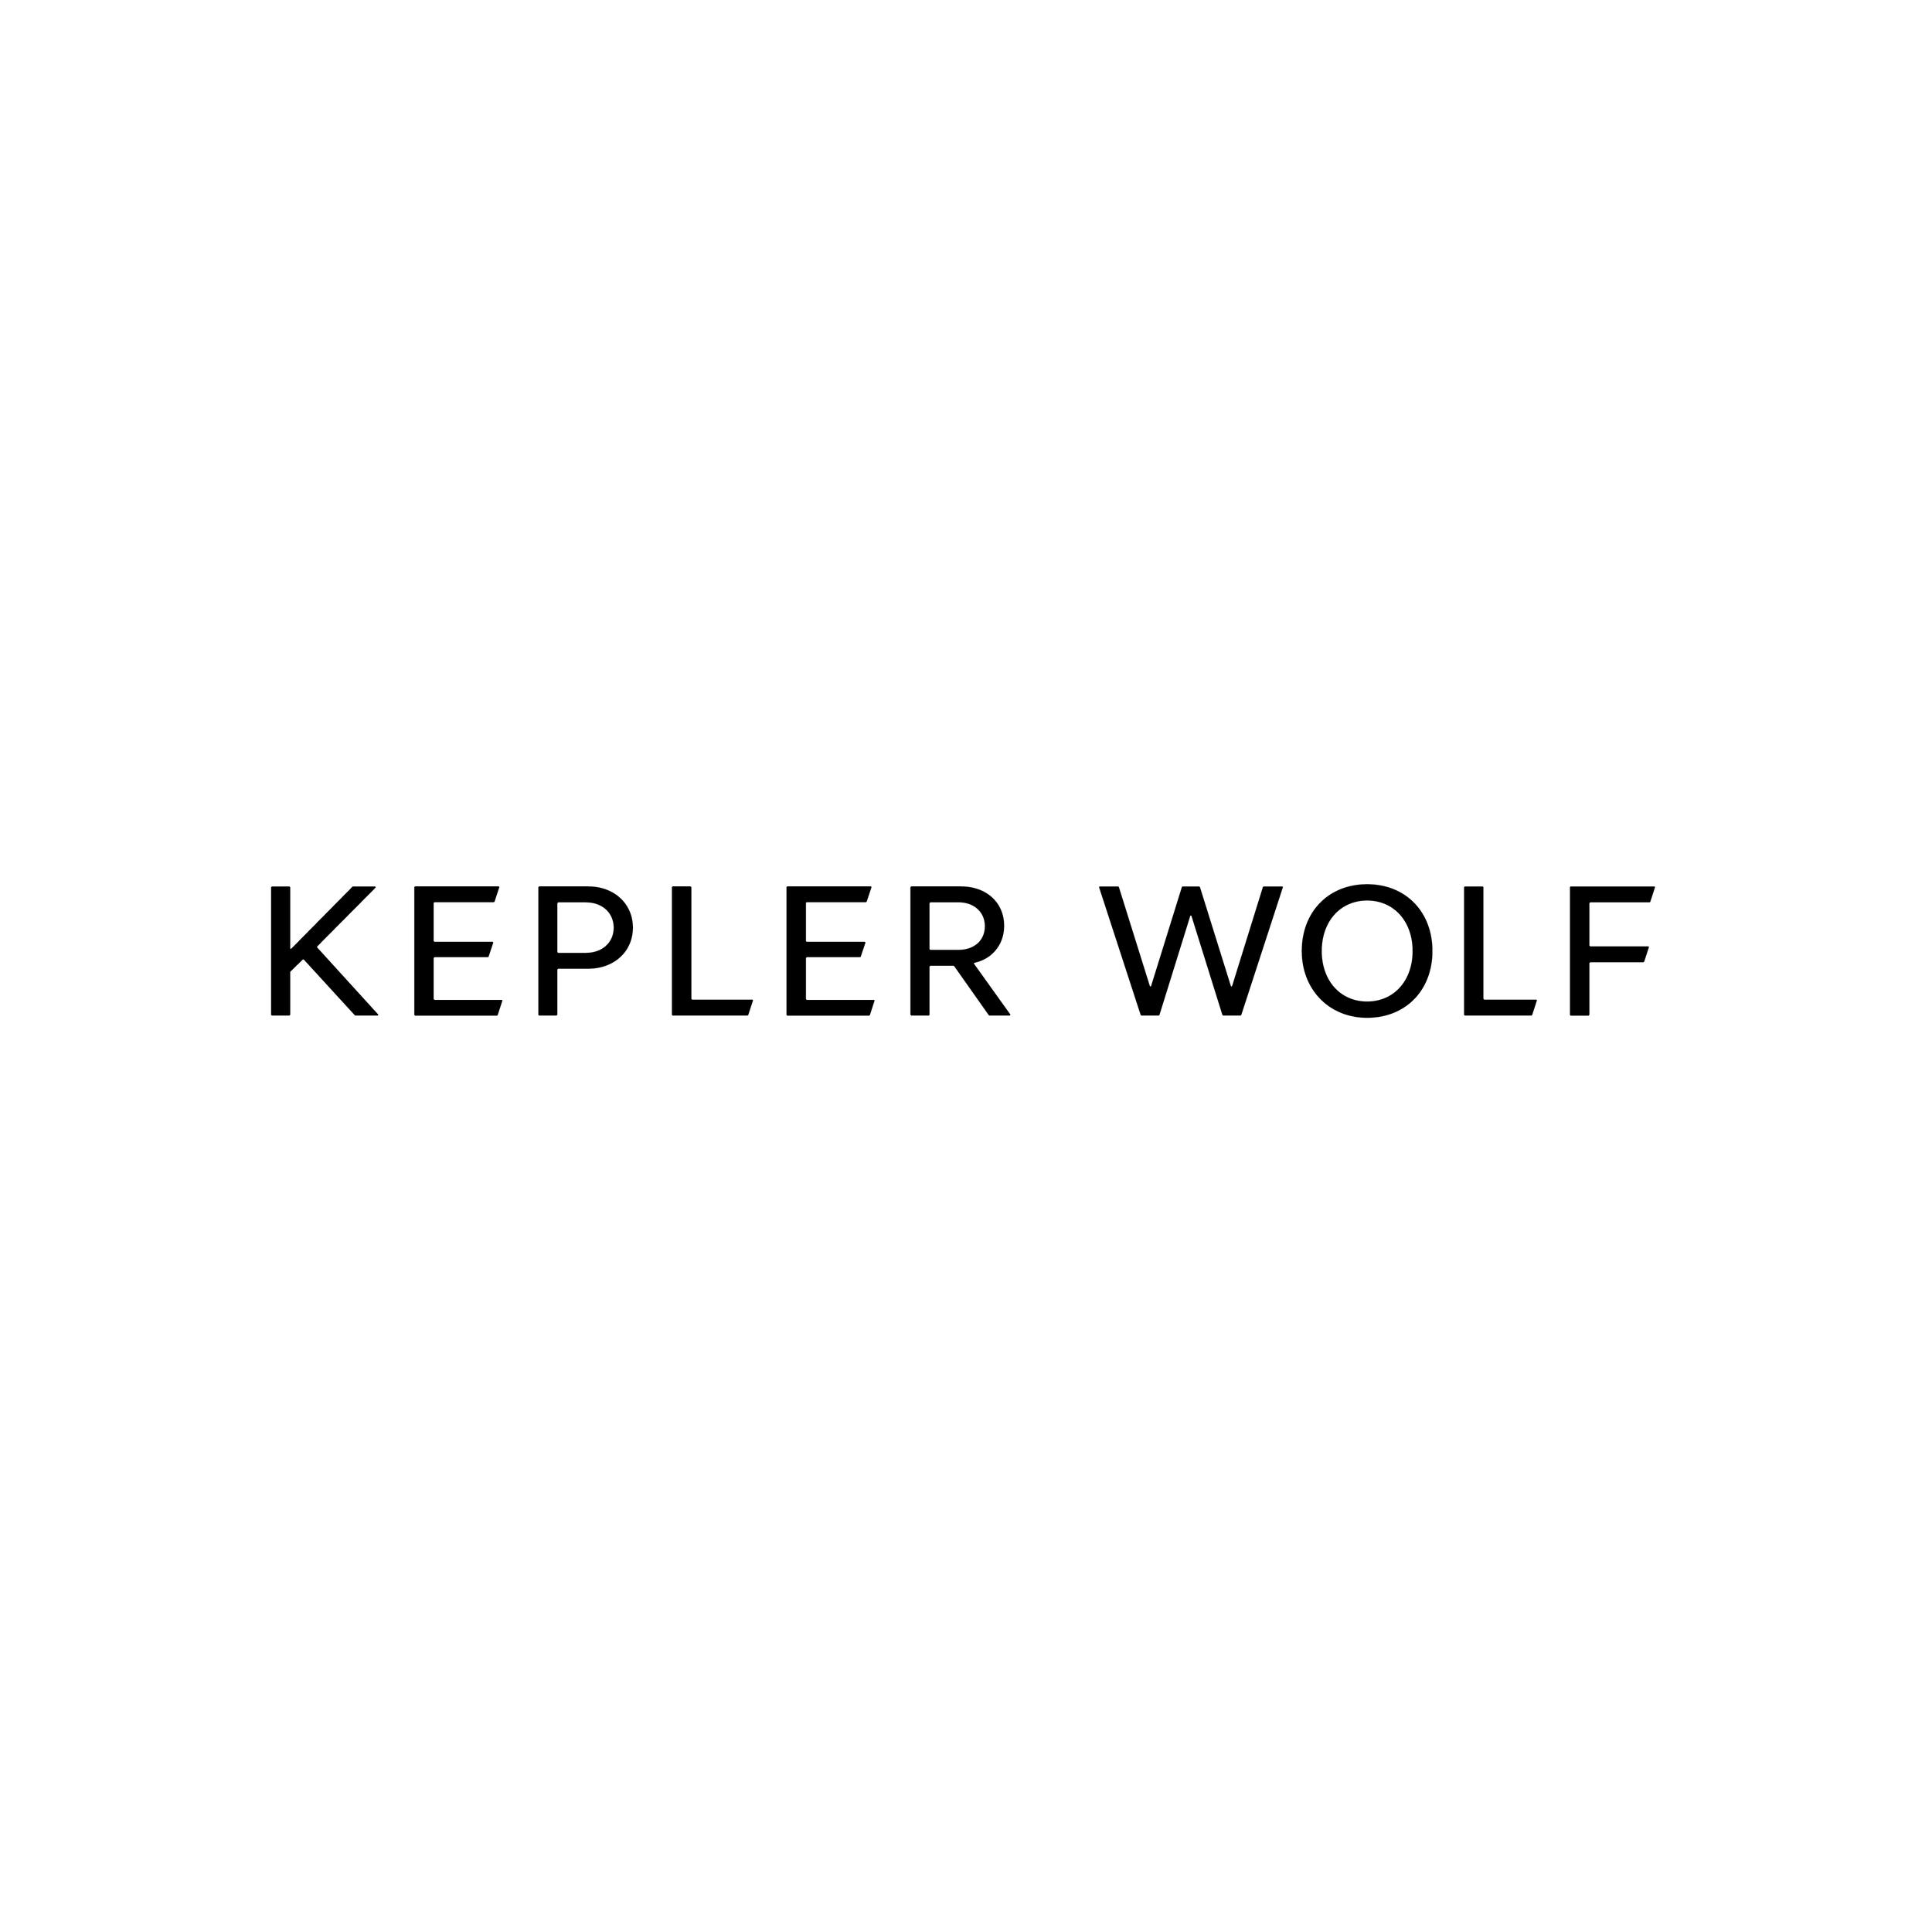 kepler wolf-10.png